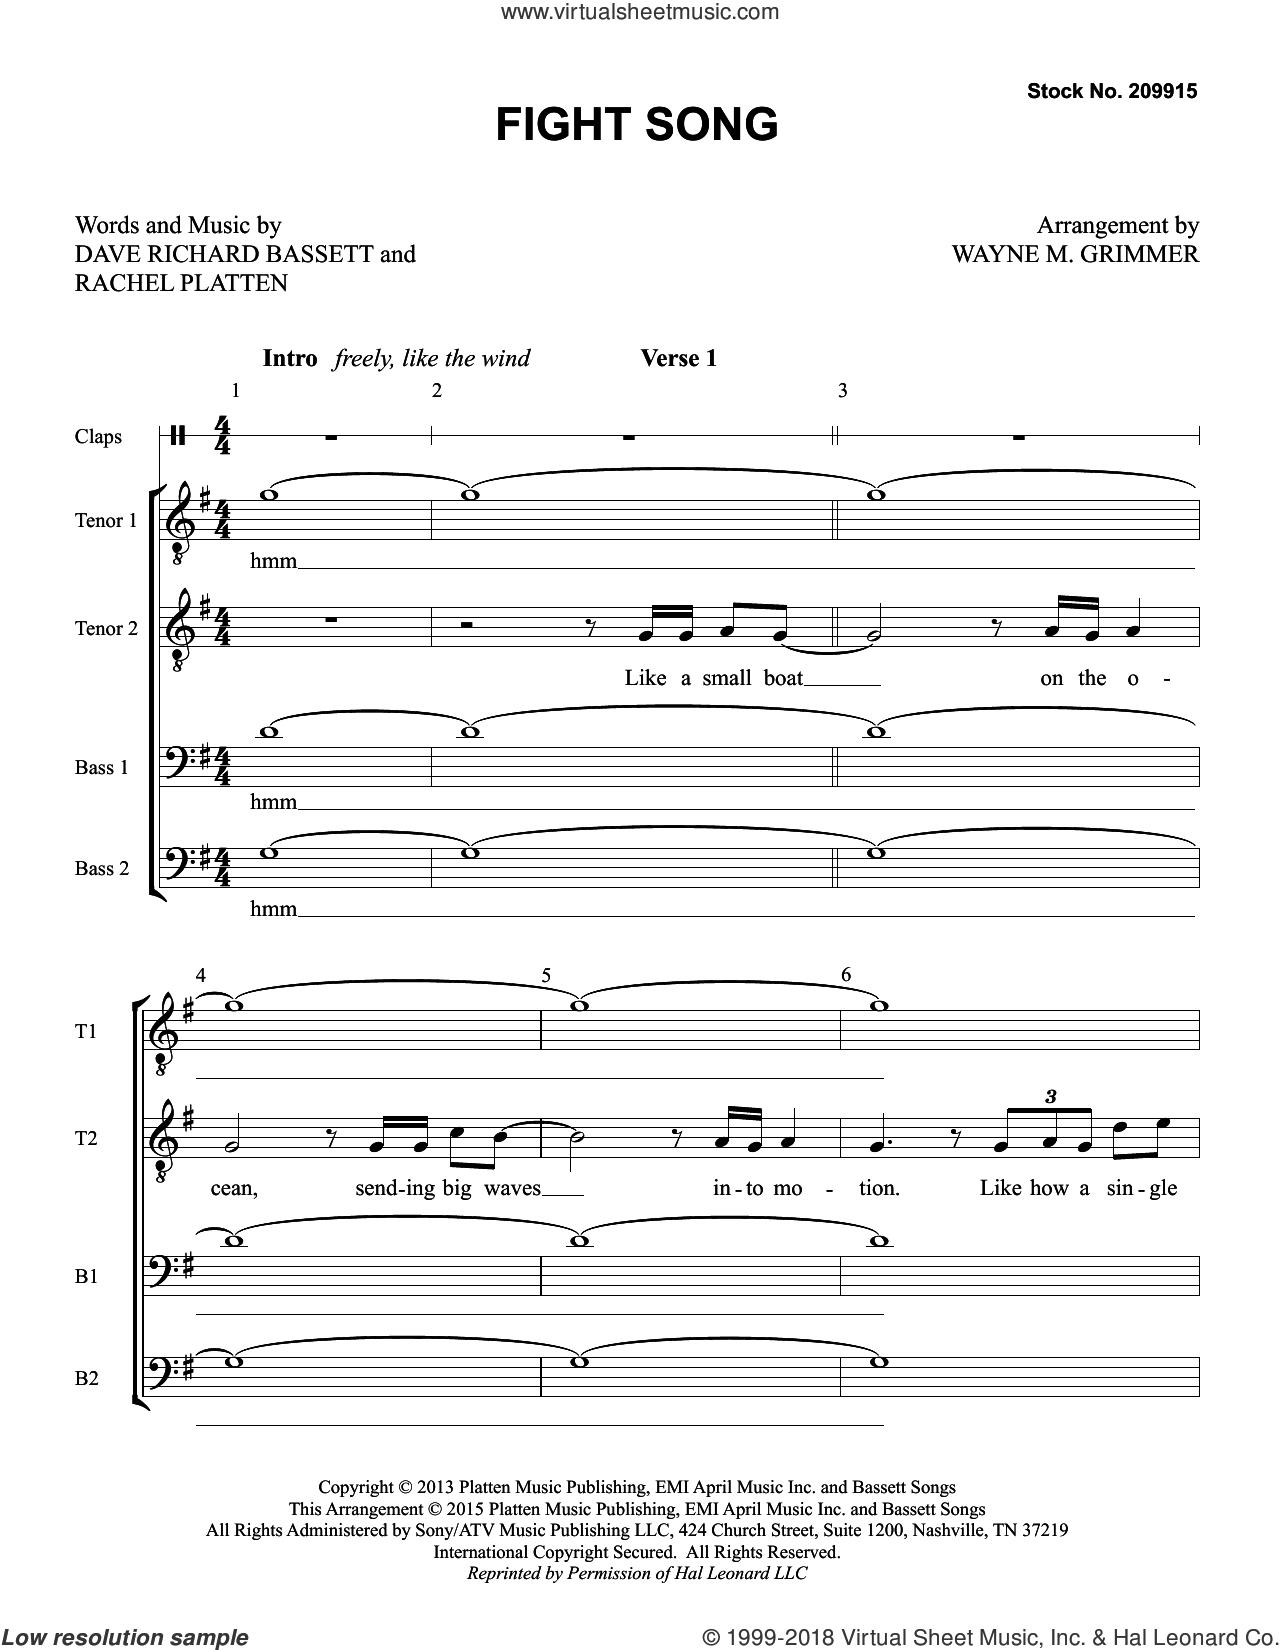 Fight Song (arr. Wayne Grimmer) sheet music for choir (TTBB: tenor, bass) by Rachel Platten, Wayne Grimmer and Dave Bassett, intermediate skill level